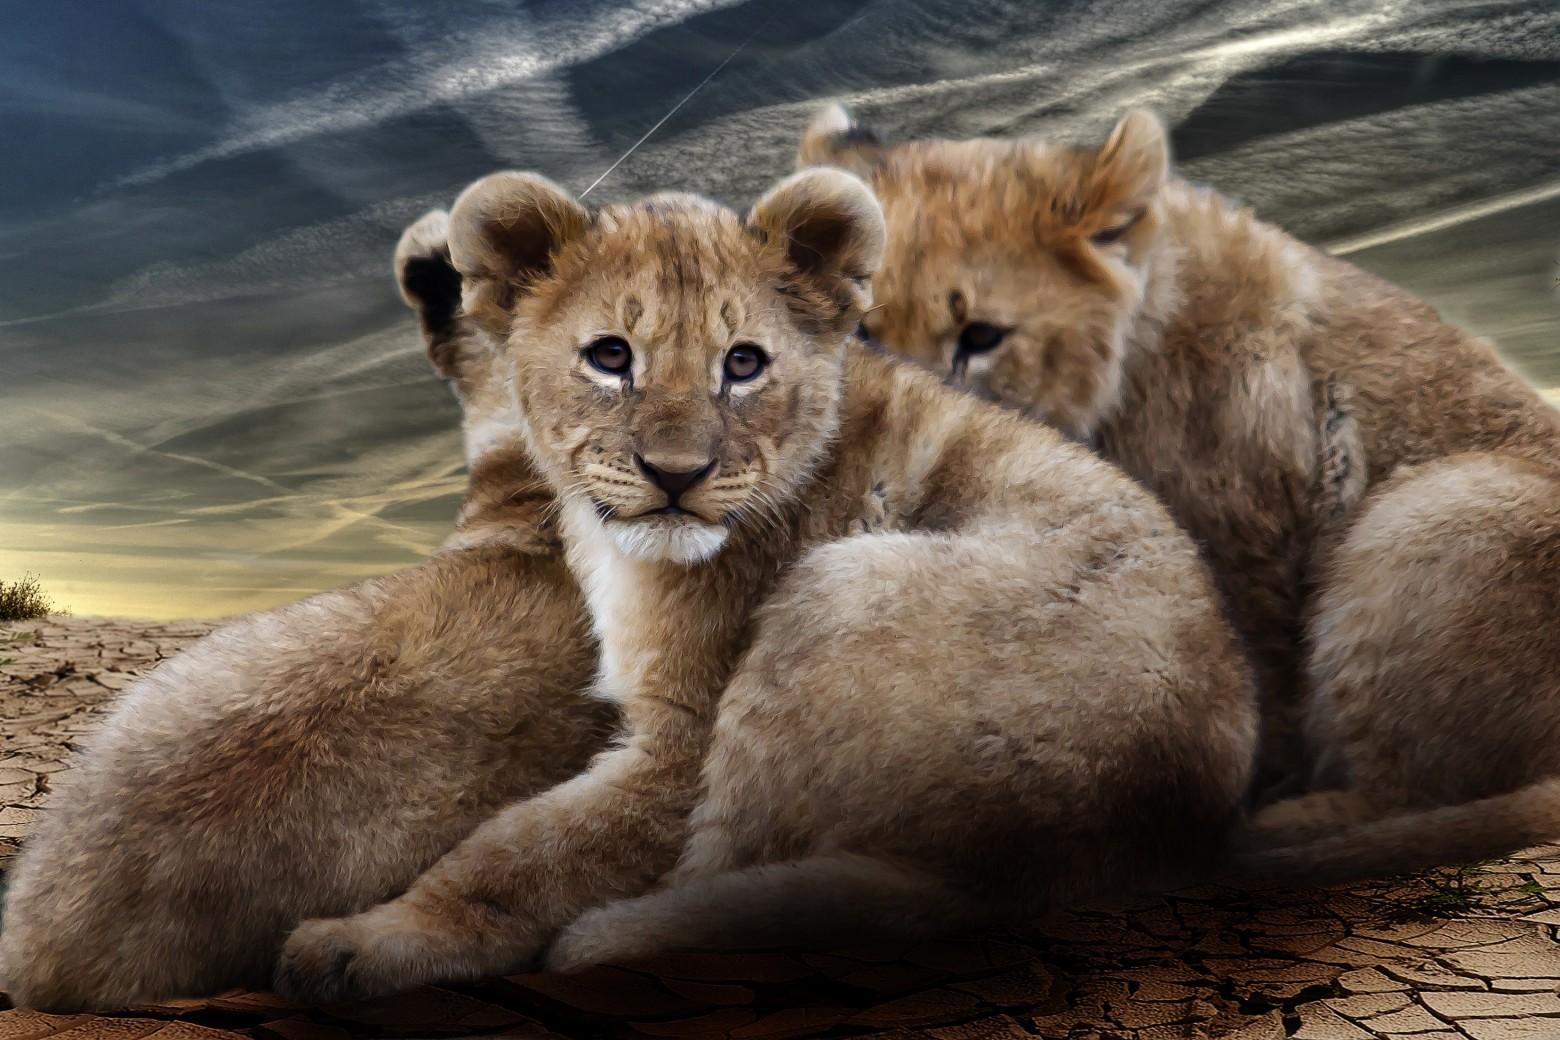 Fond D Ecran Lion Lionceau Images Gratuites Images